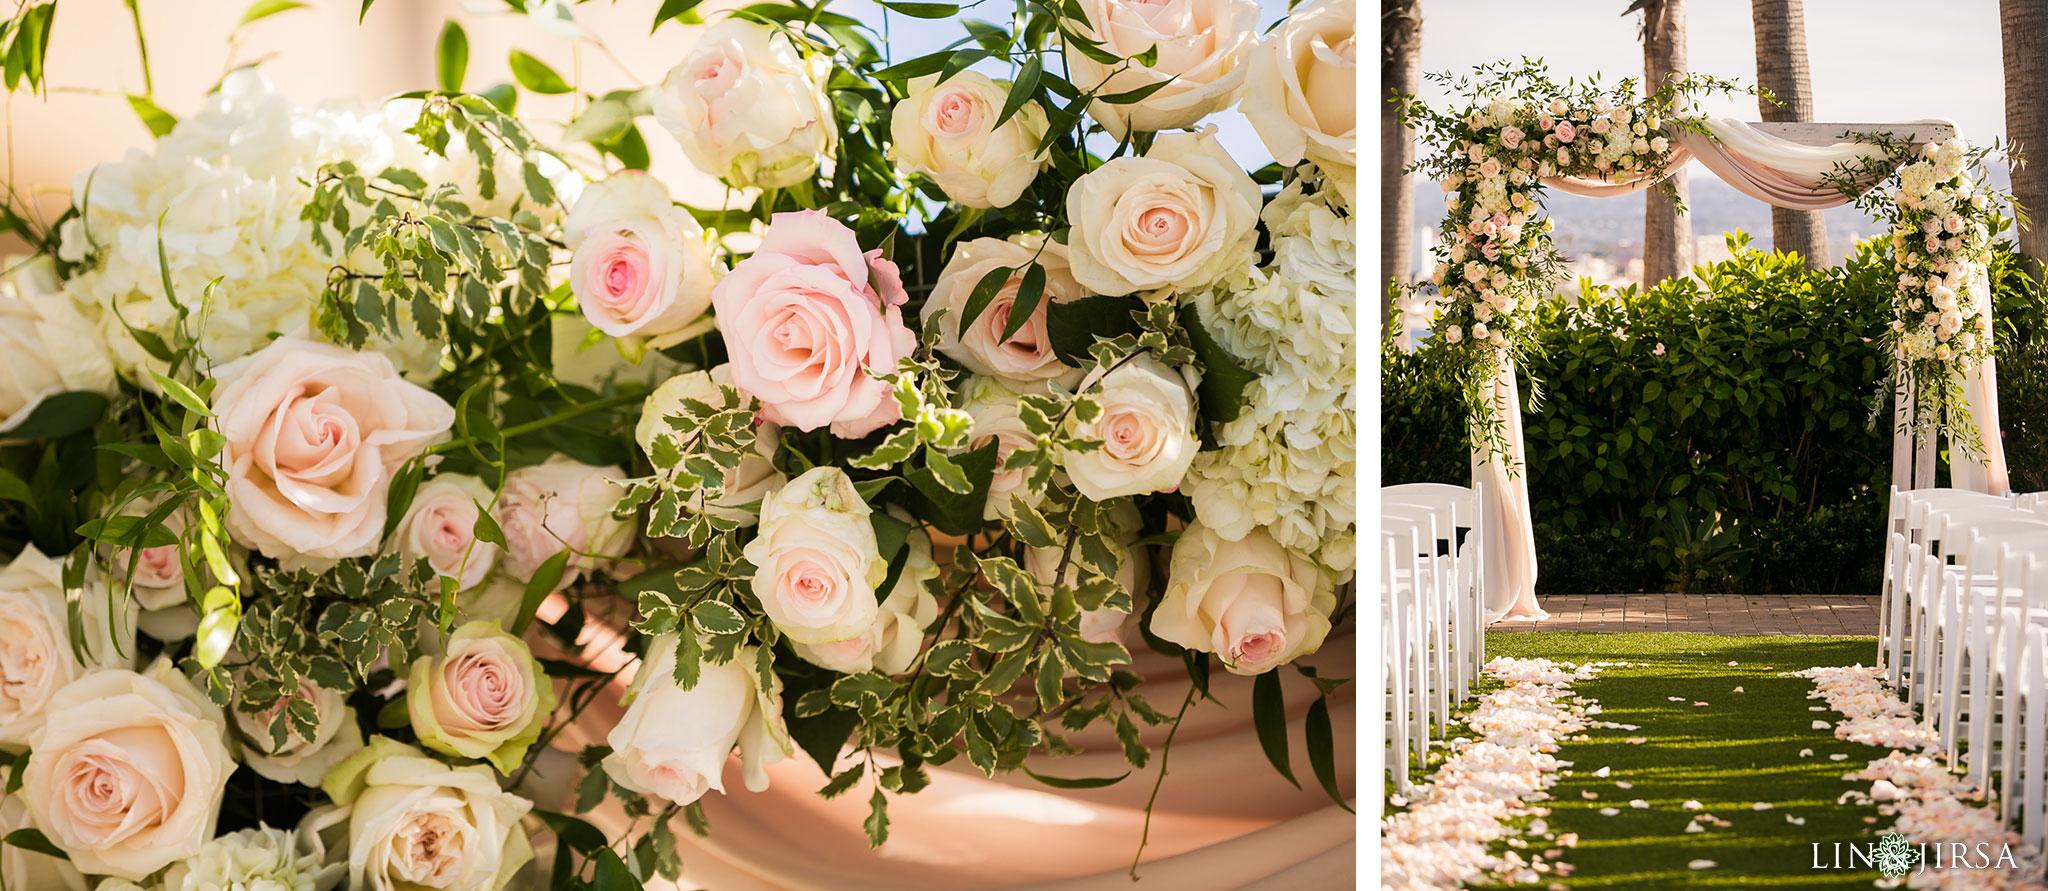 19 portofino hotel redondo beach wedding ceremony photography